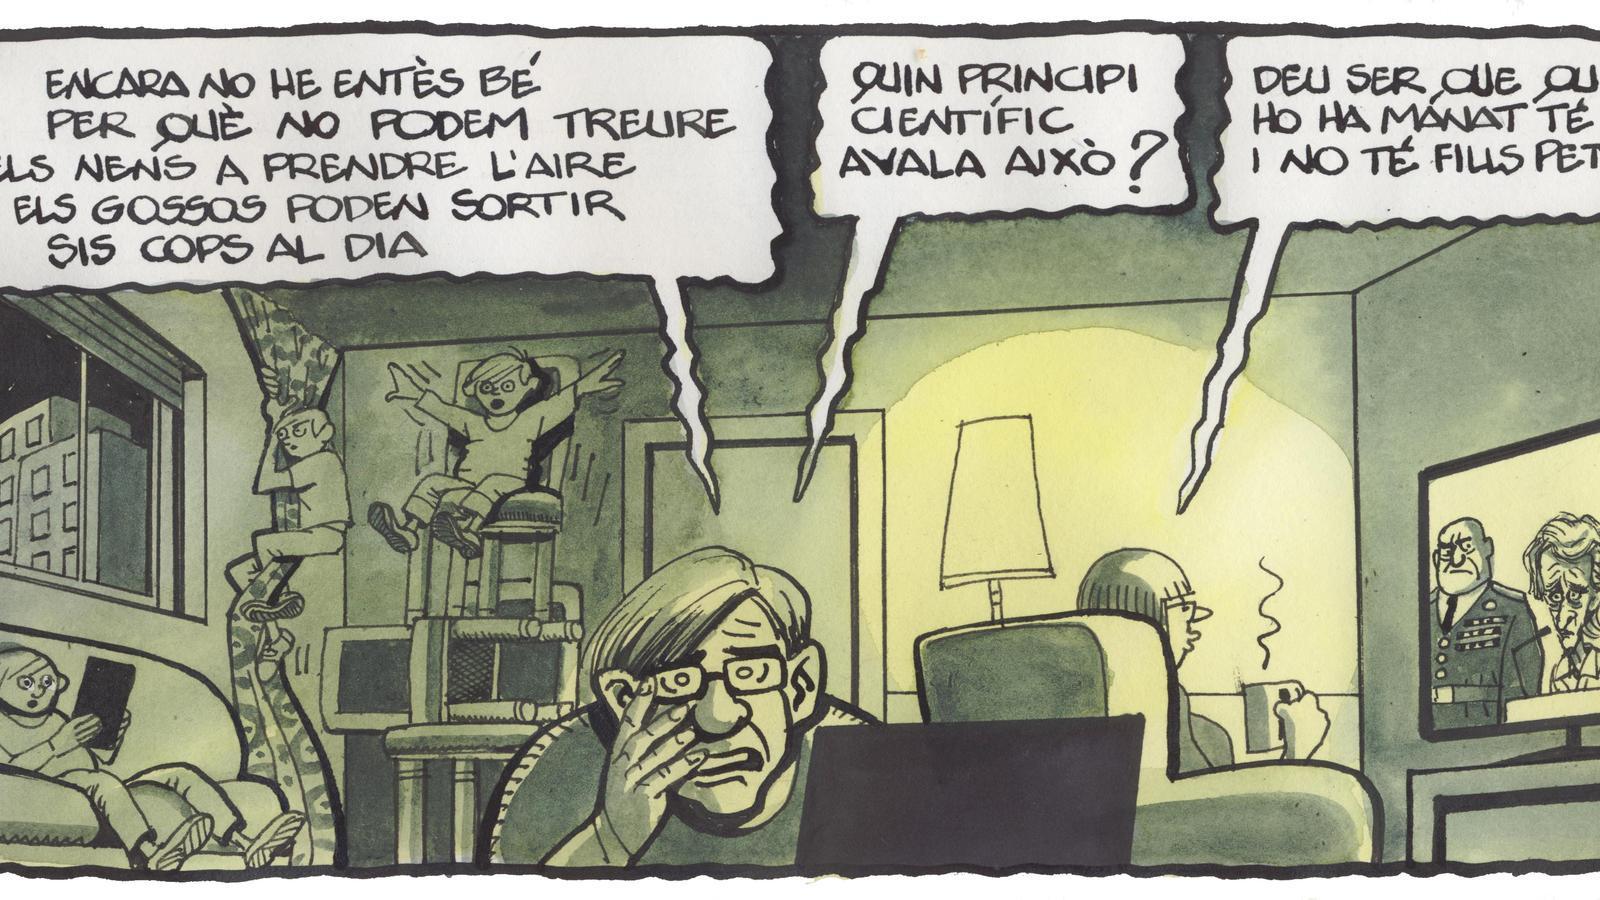 'A la contra', per Ferreres 28/03/2020